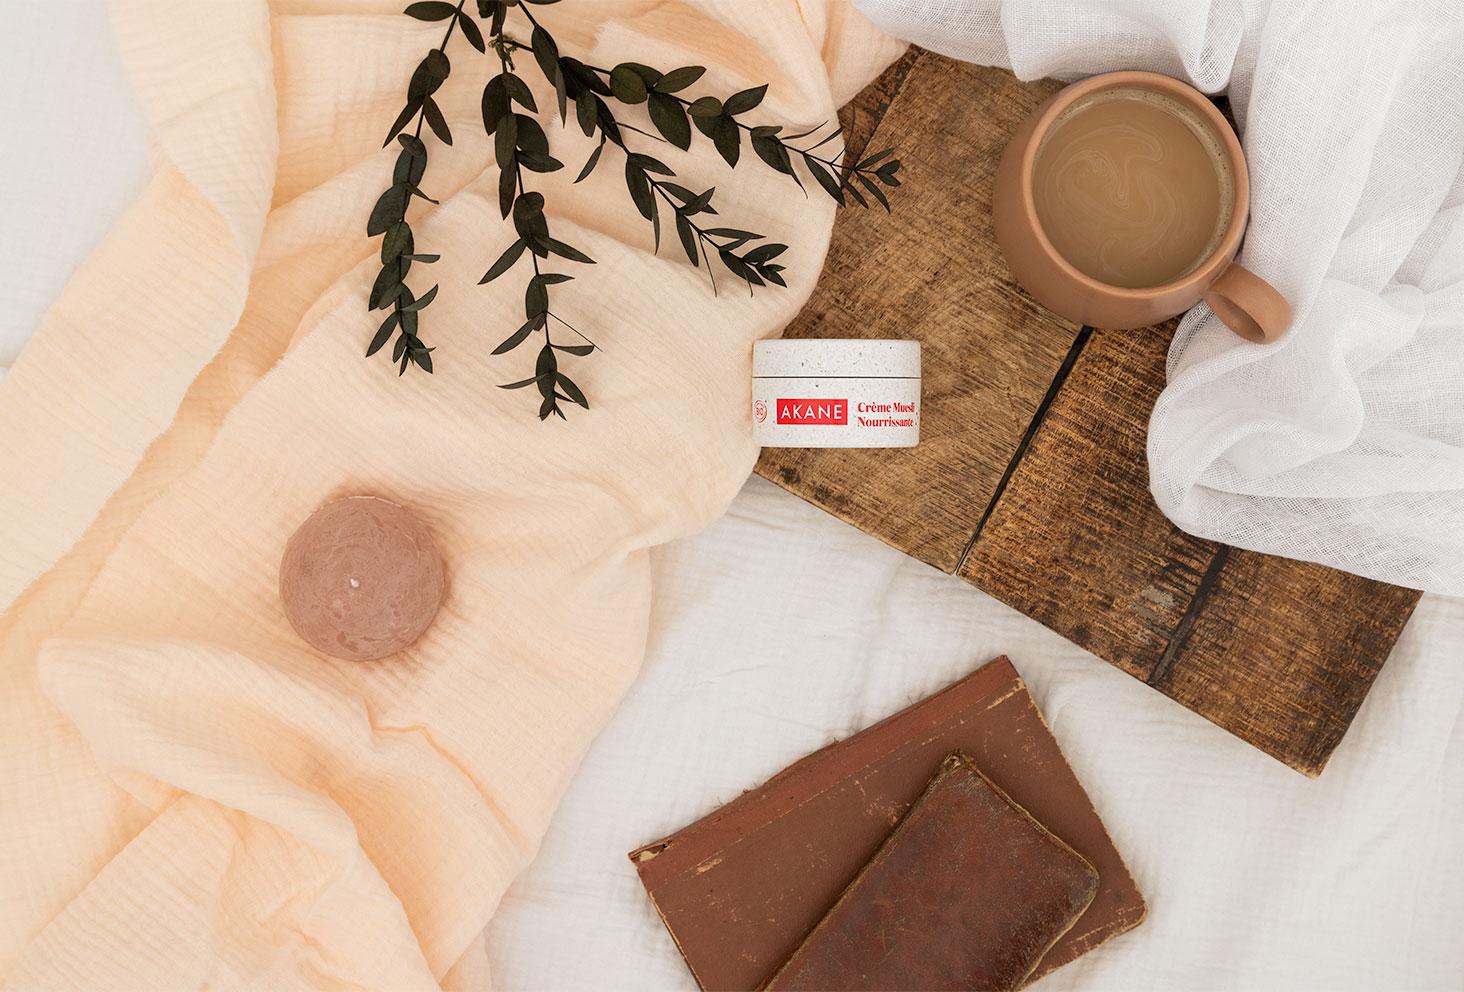 Crème nourrissante Akane sur un lit, avec un plateau et une tasse de cappuccino, pour le petit déj